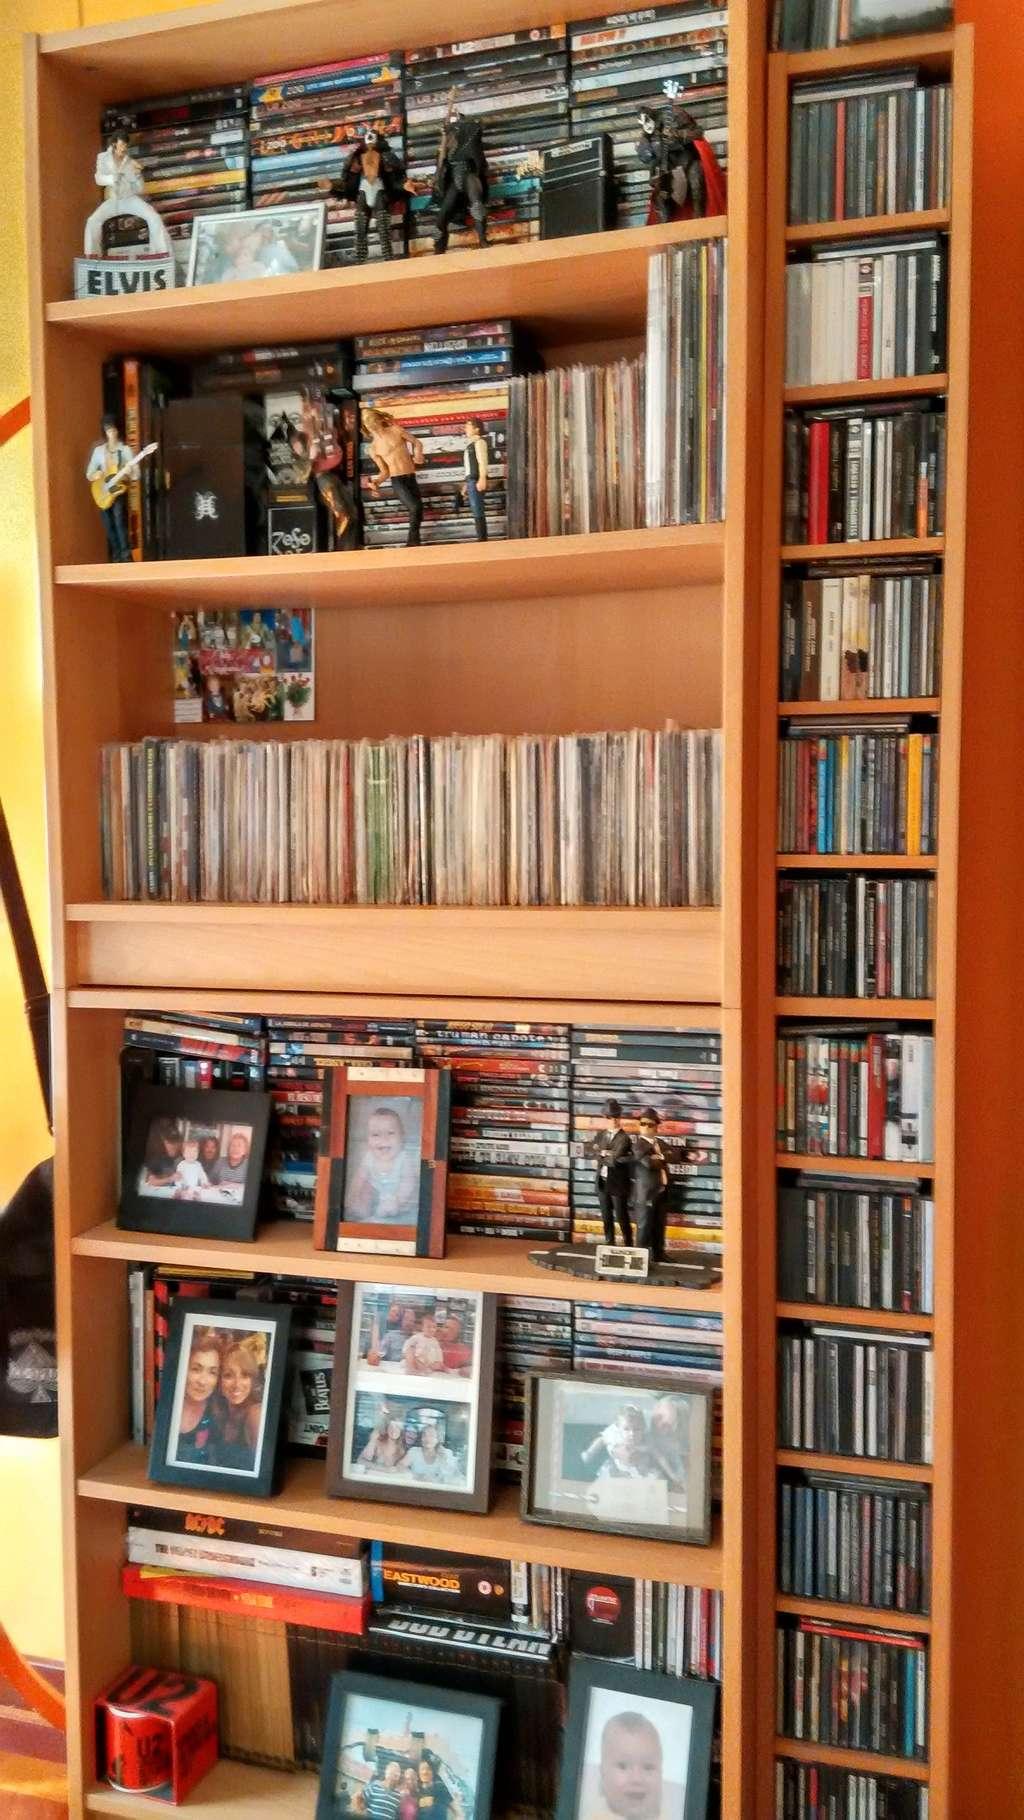 Colecciones de Discos. - Página 3 Img_2014